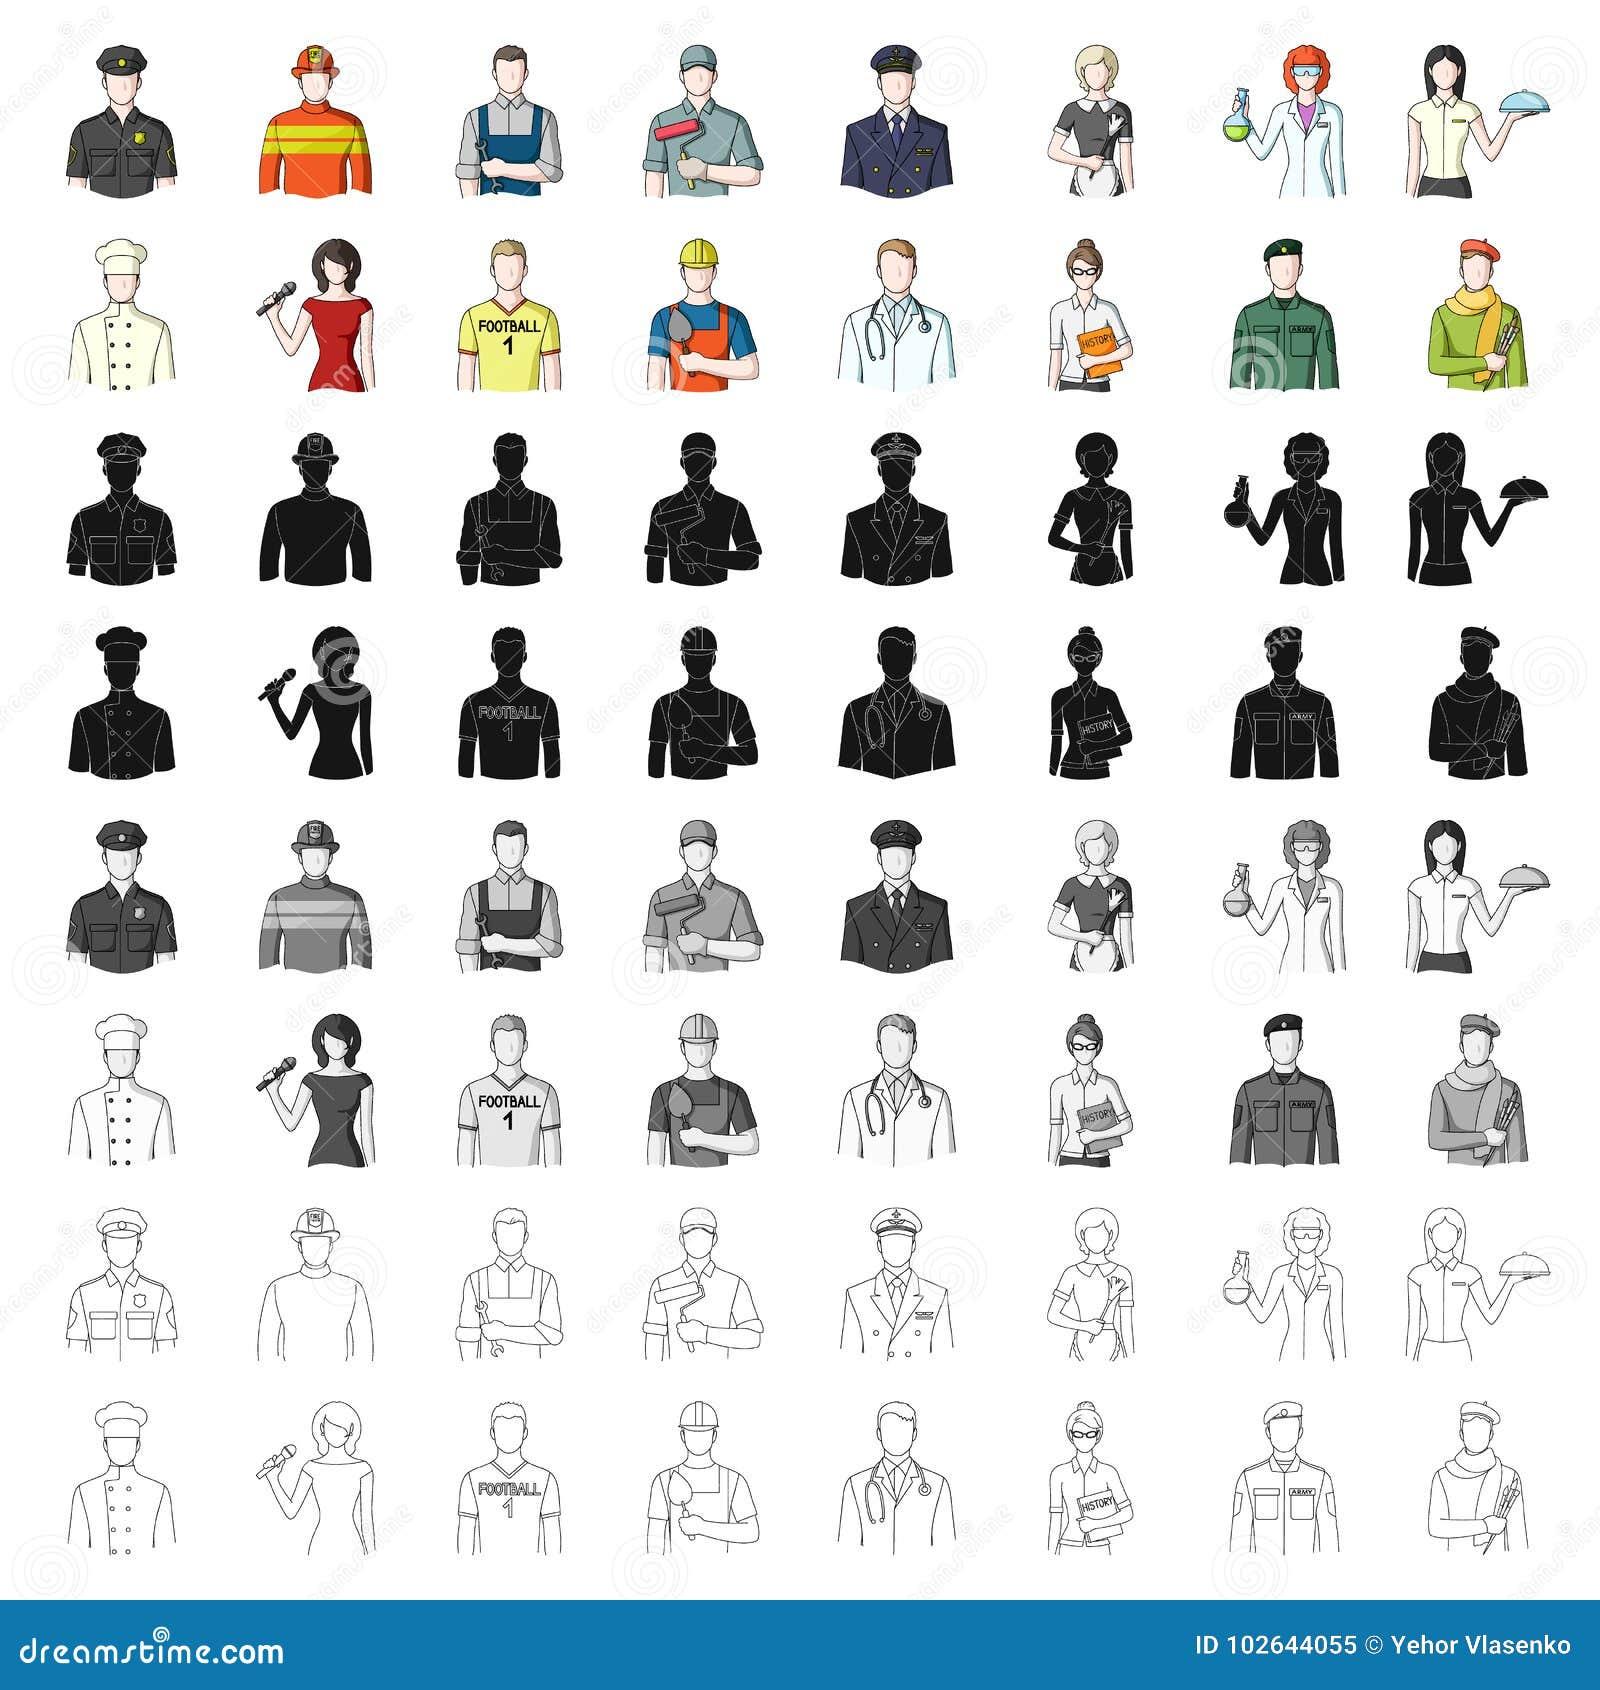 Doktor, arbetare, militär, konstnär och andra typer av yrket Utformar fastställda samlingssymboler för yrke i tecknad film vektor